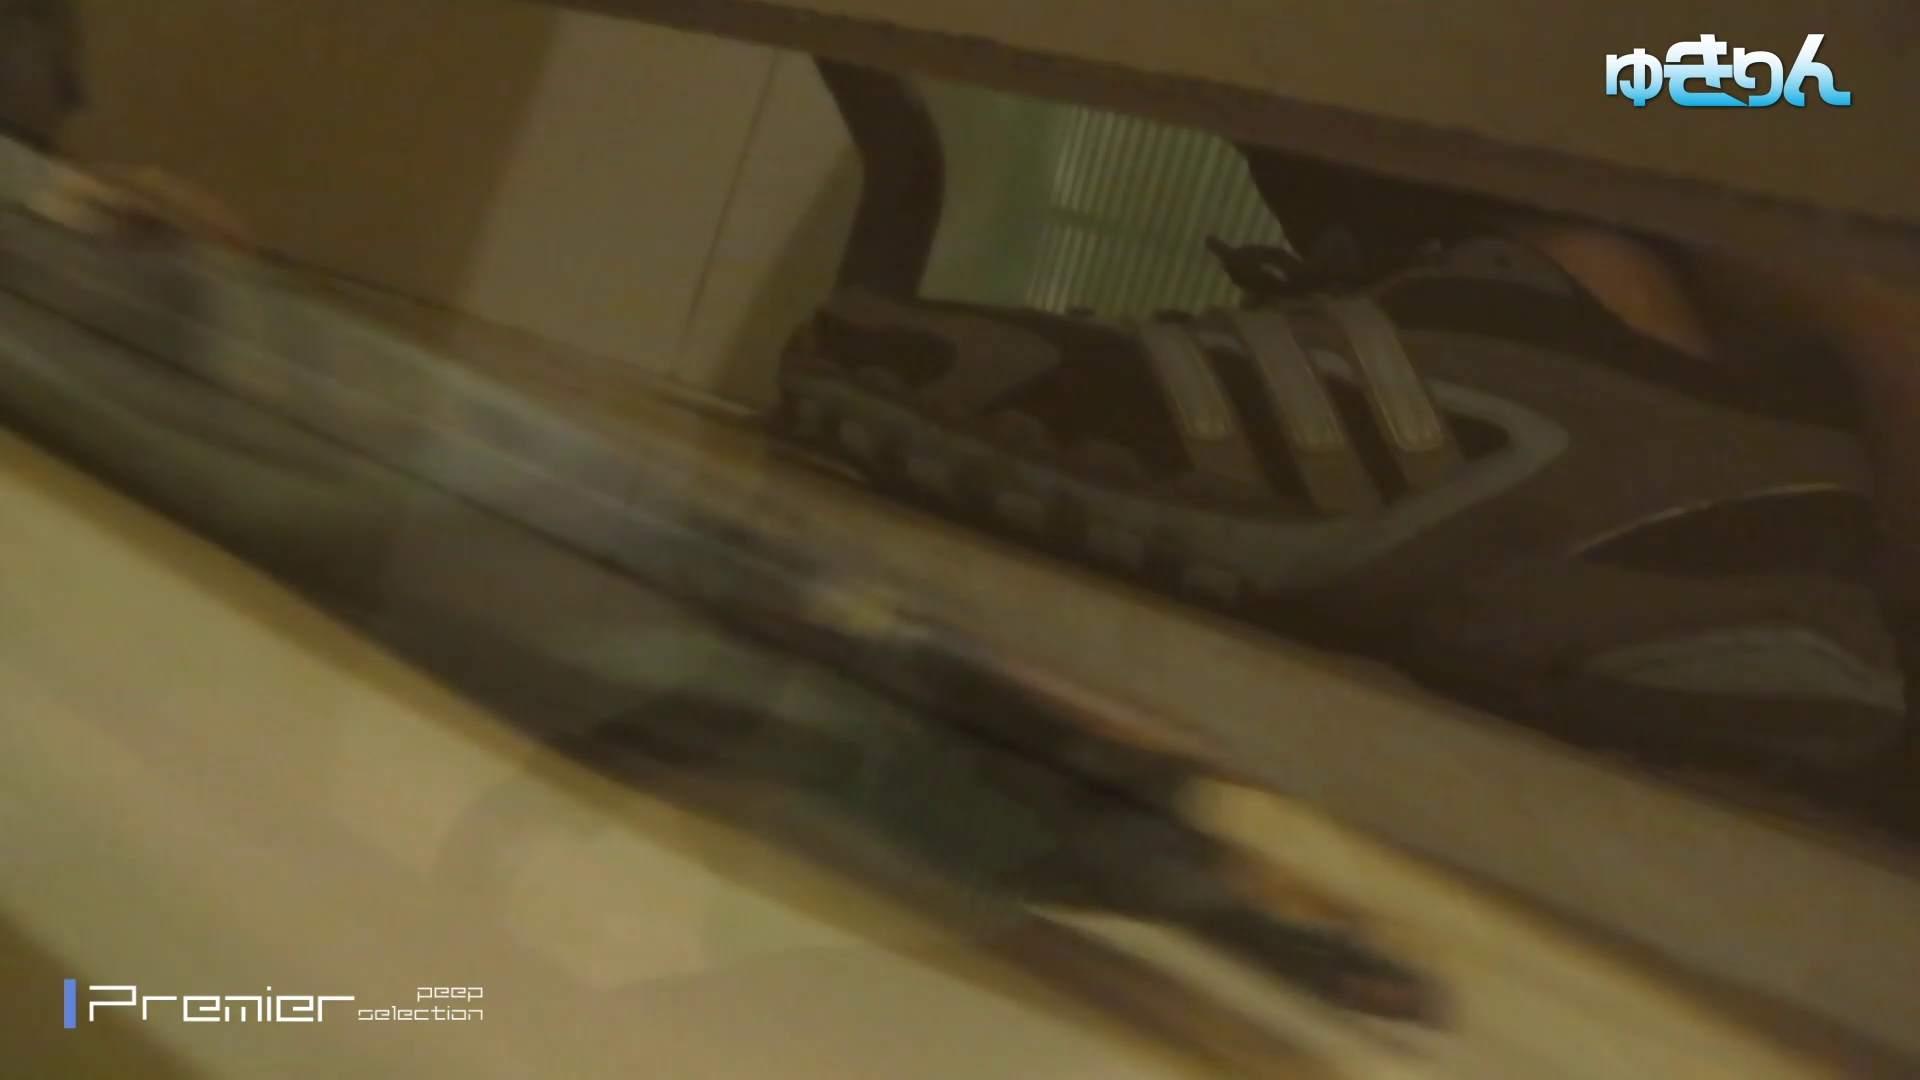 新世界の射窓 No93 女体盗撮 盗み撮りAV無料動画キャプチャ 87連発 46